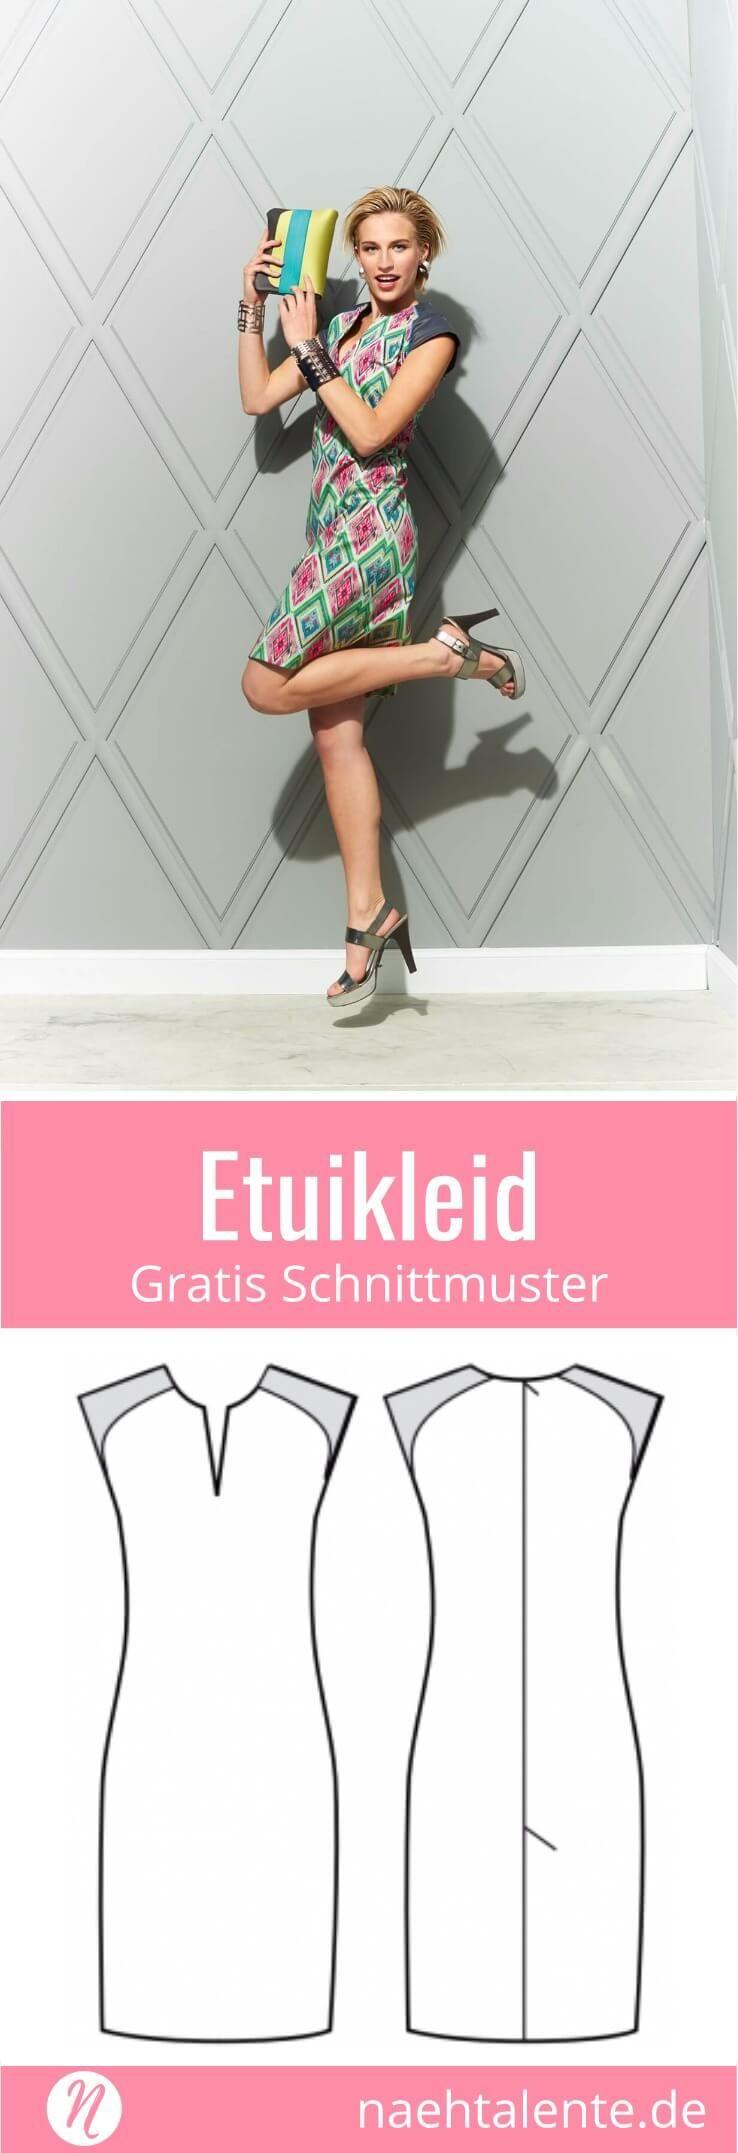 Etuikleid für Damen - gratis Schnittmuster Tipp - Größe 36 - 46 #sewins